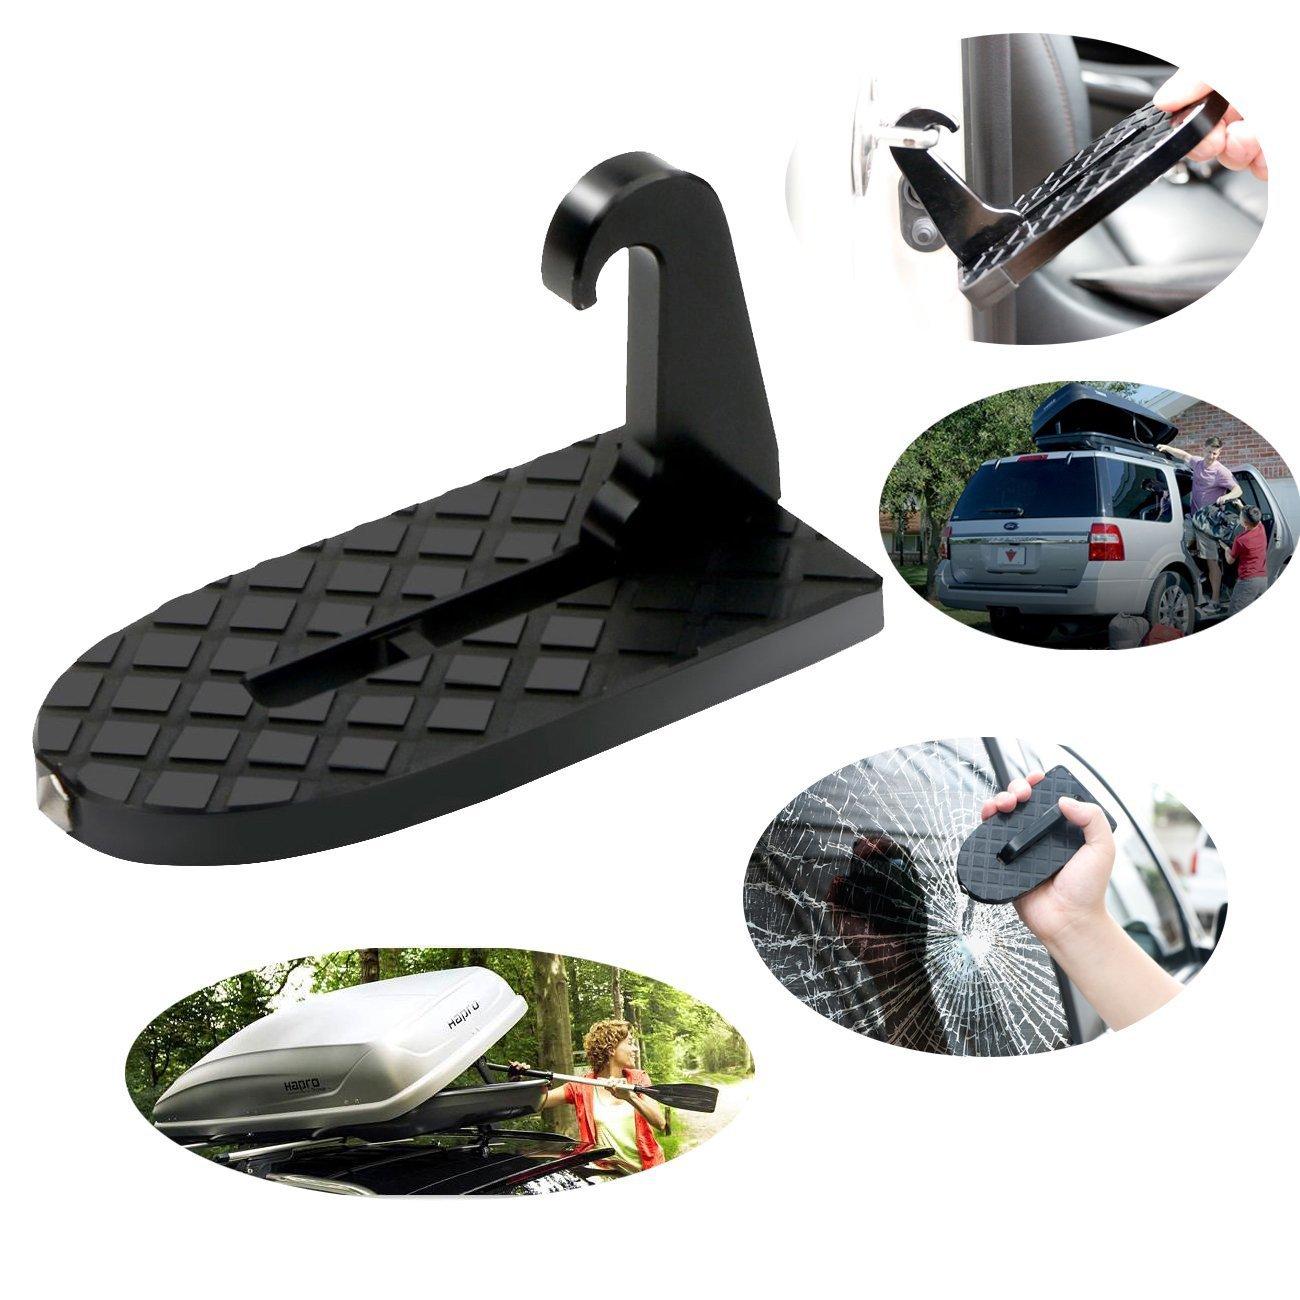 Araba çatı portbagaj pedalı araç yardımı kolay erişim kapı adım kanca araba pedalları ayak Jeep Suv kamyon